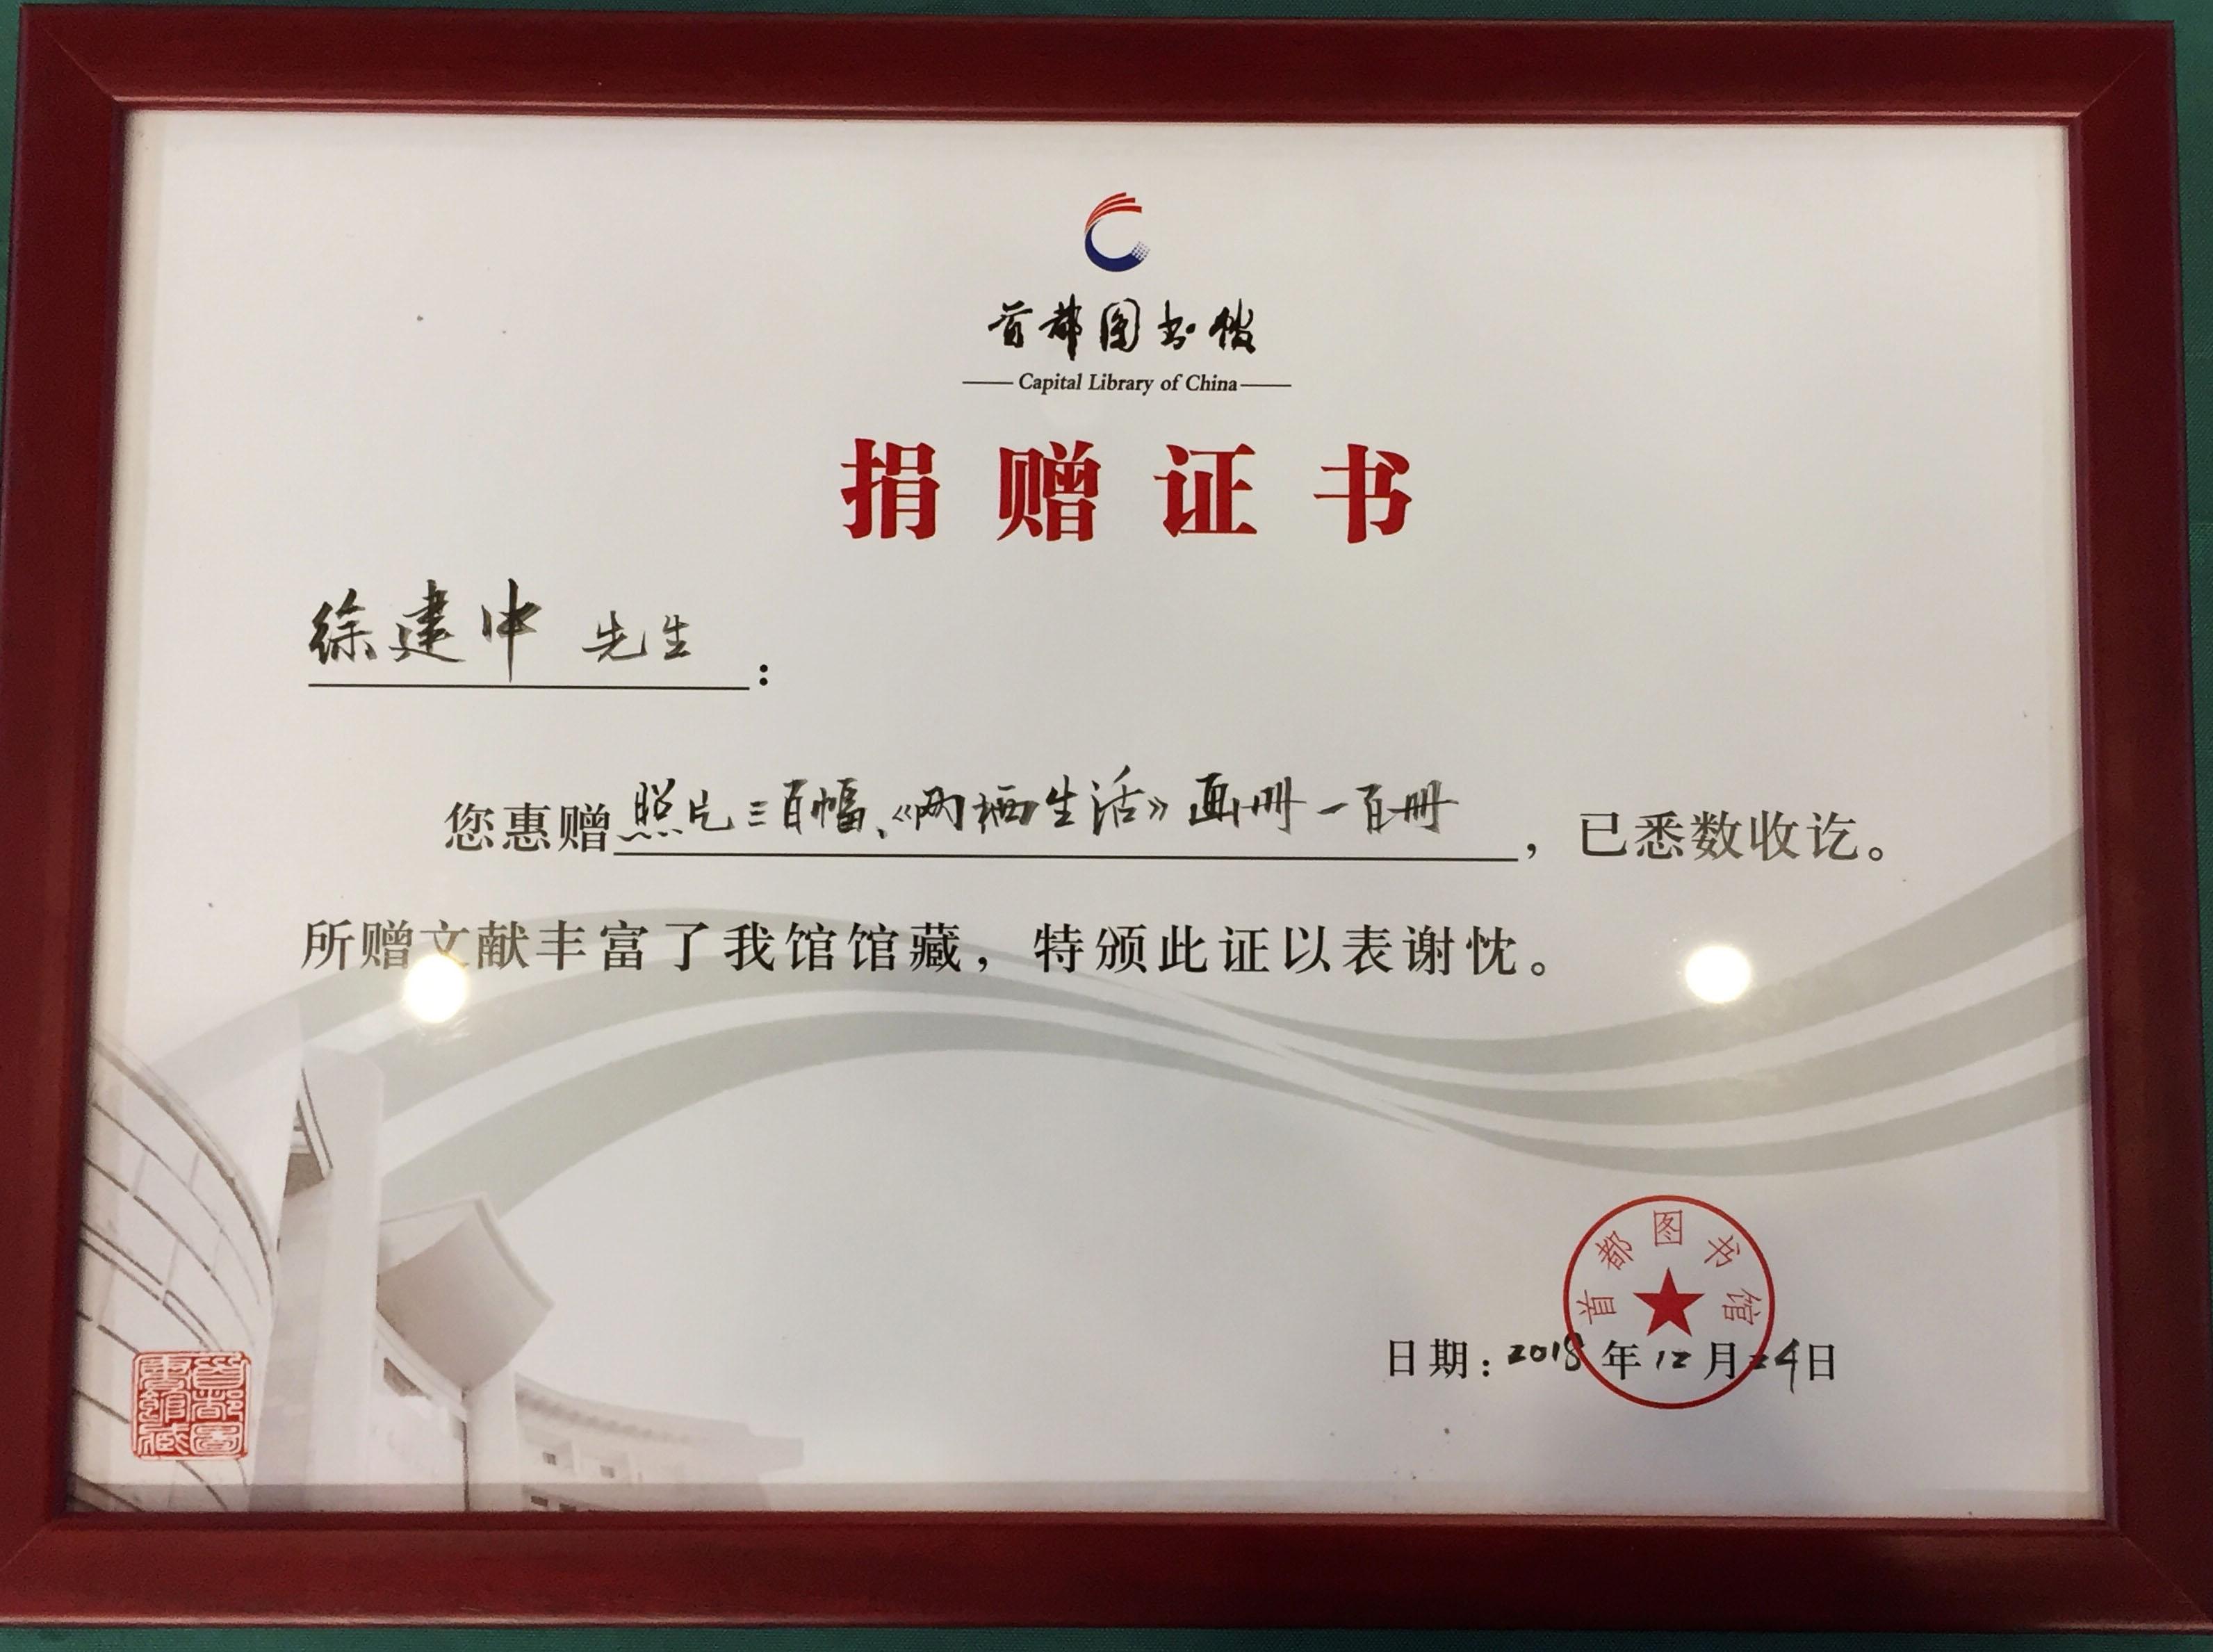 徐建中摄影作品展暨摄影作品捐赠仪式在首都图书馆举办